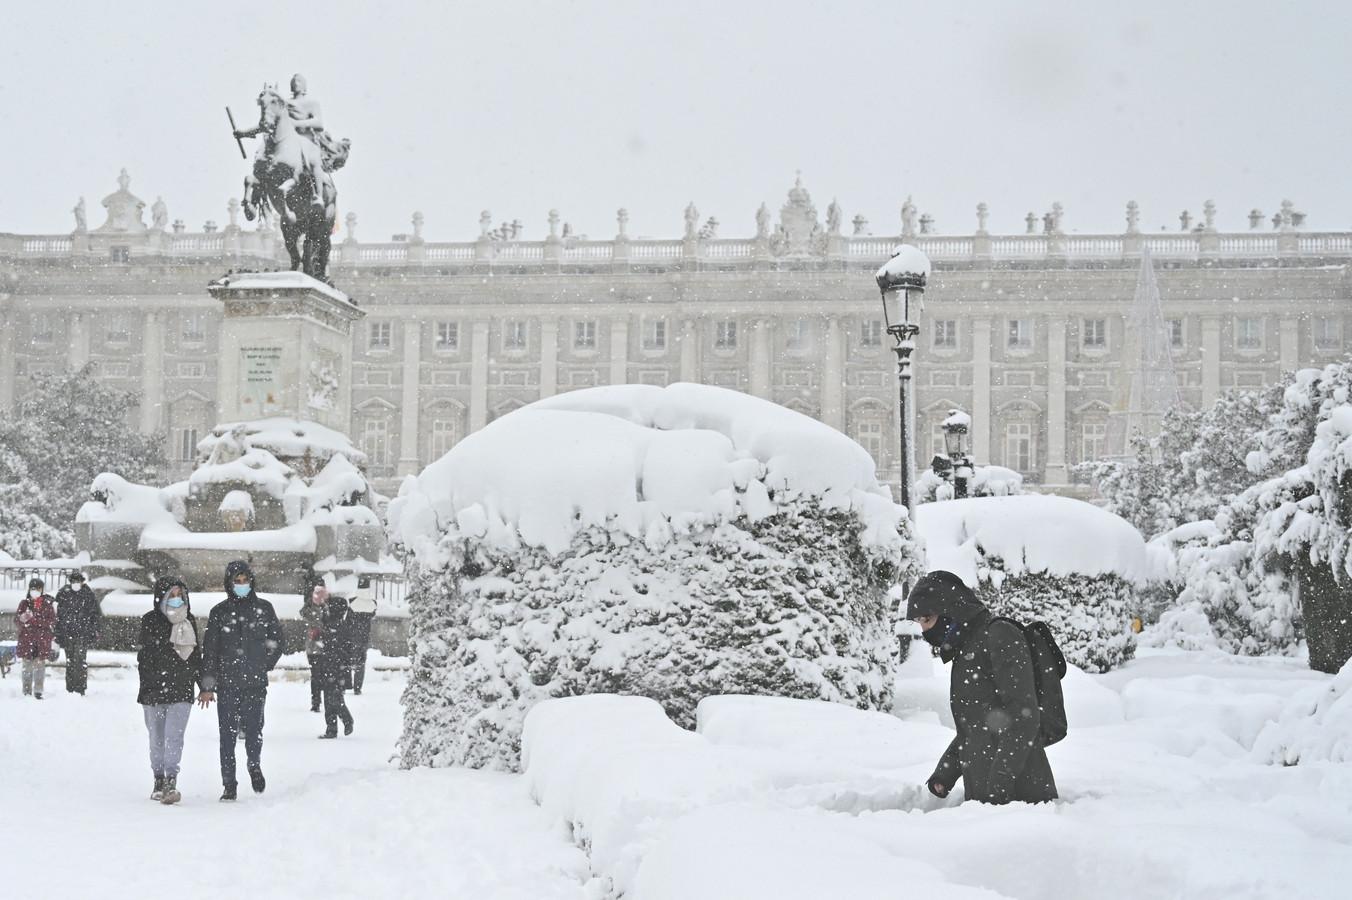 Winterse taferelen aan het koninklijk paleis in Madrid.